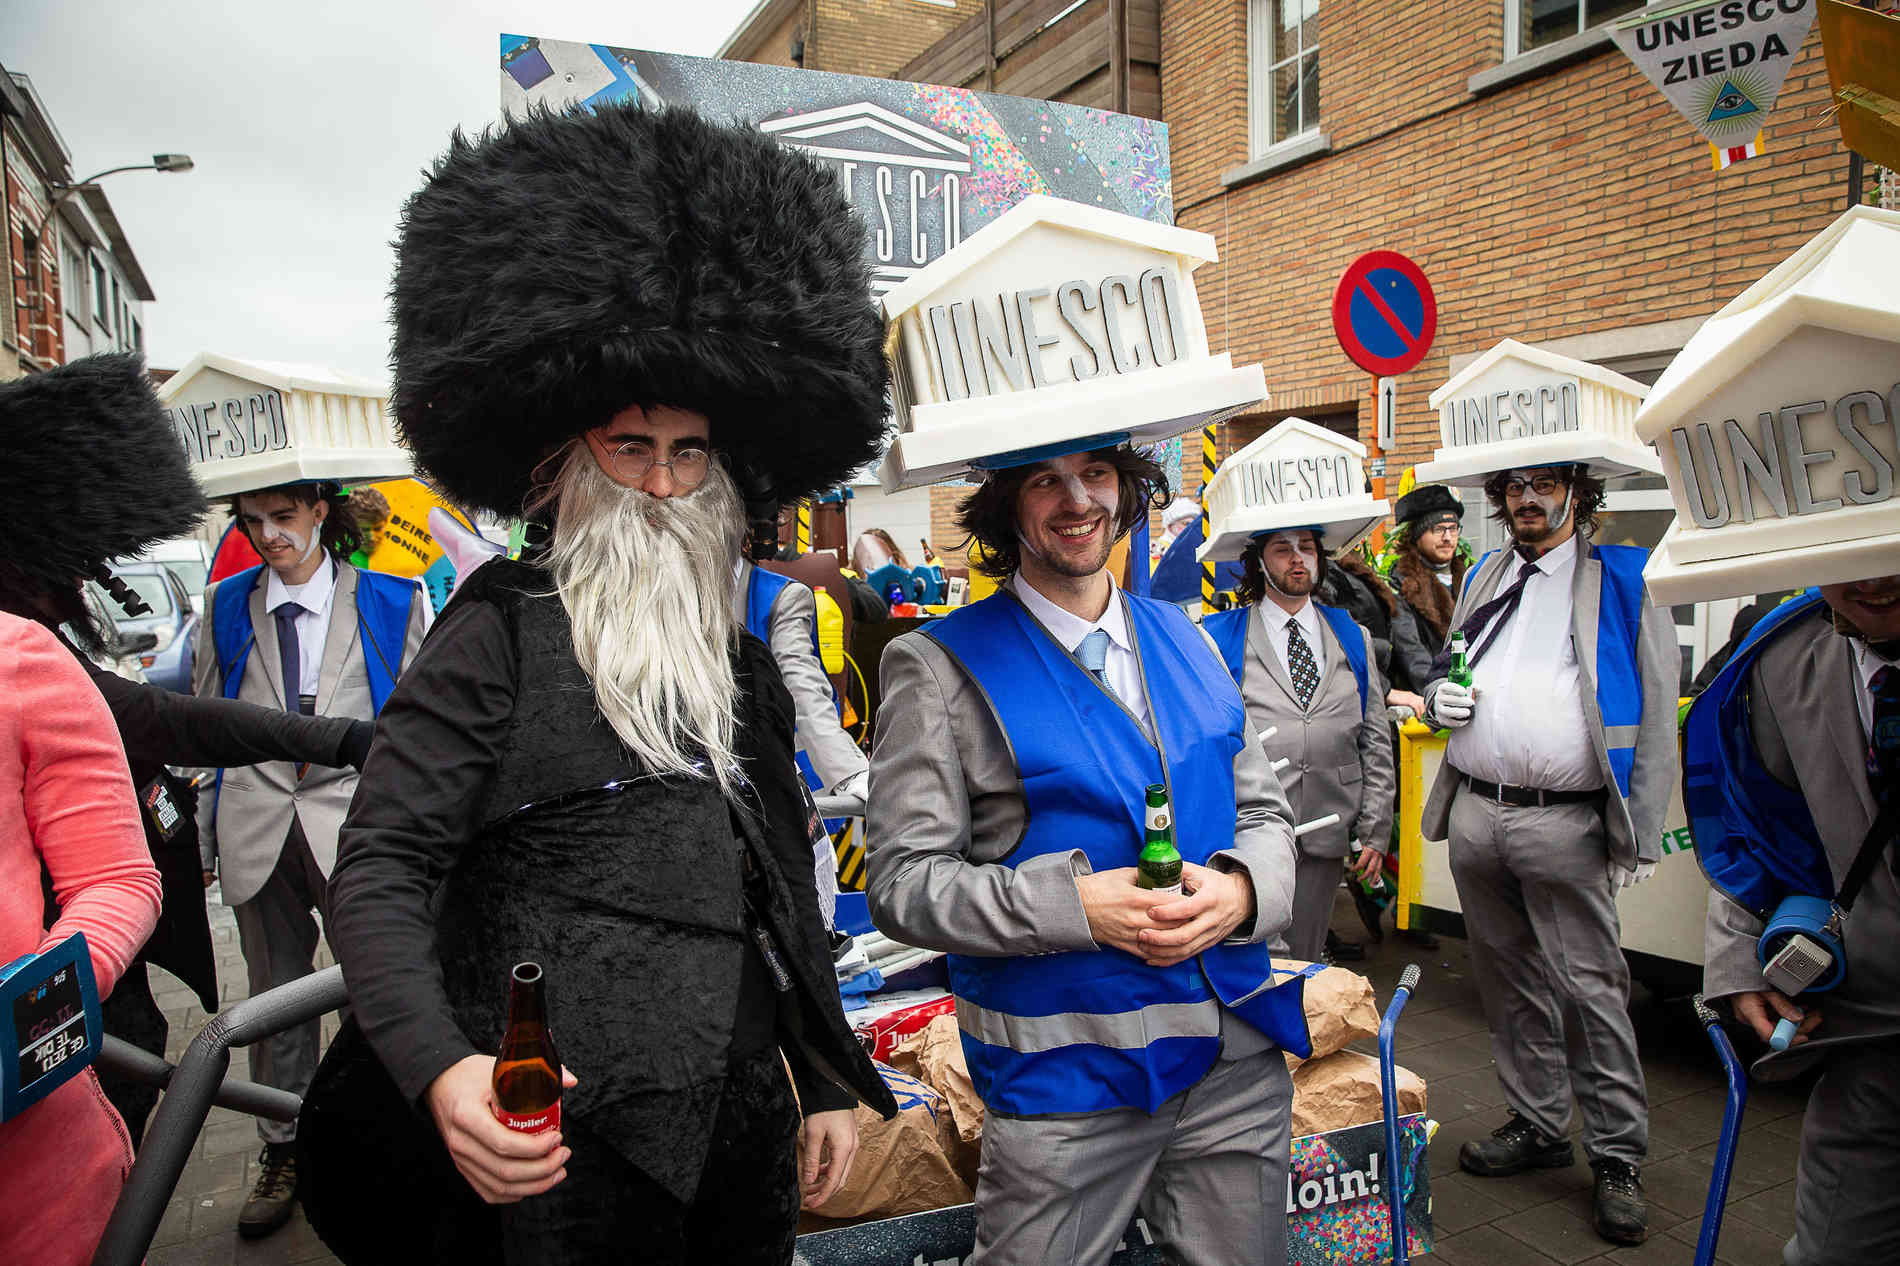 Judenfeindliche Darstellungen beim Karneval: